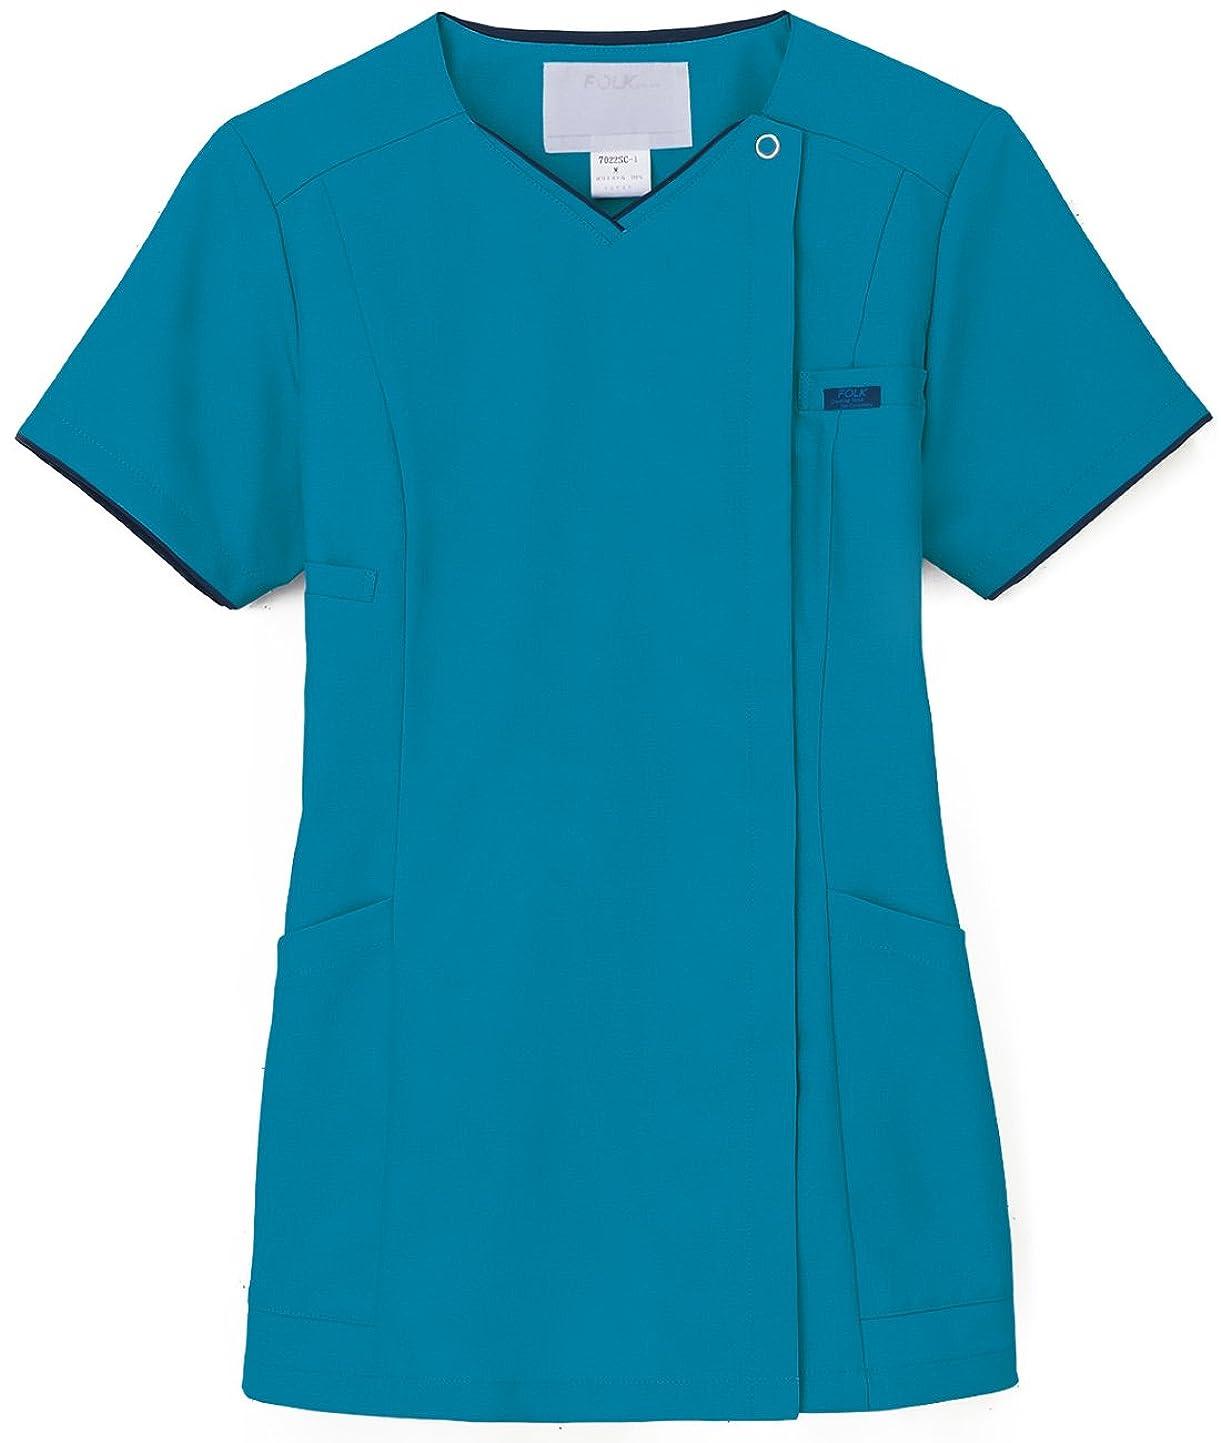 着実にダイヤモンドフルーティー白衣 スクラブ 女性用 手術衣 オペ着 フォーク(FOLK) 7022SC レディスジップスクラブ LL 11.ターコイズ